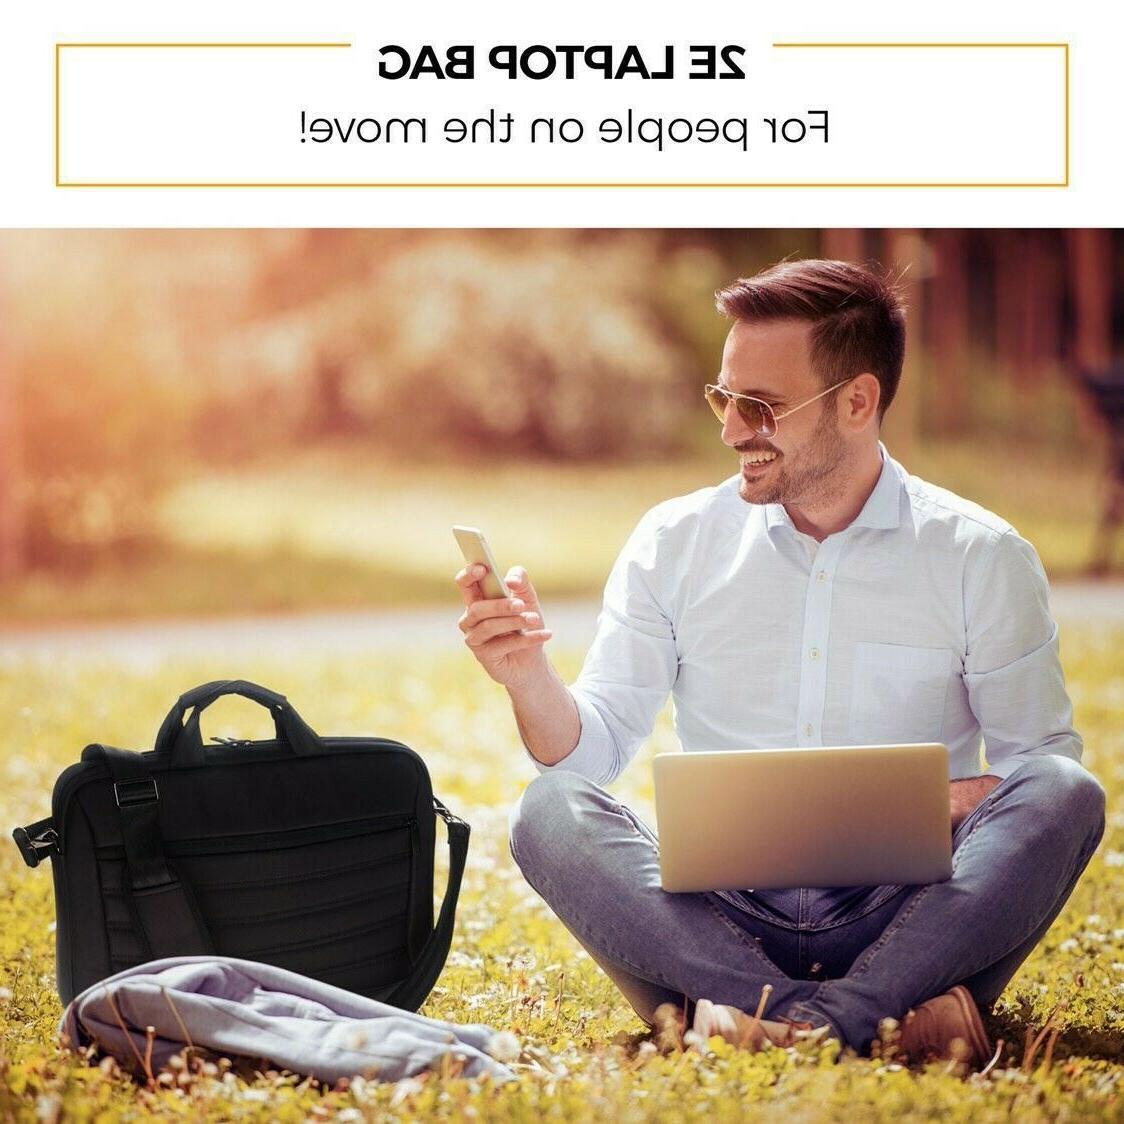 Premium Laptop Tablet Bag Case for Man Woman ON SALE!